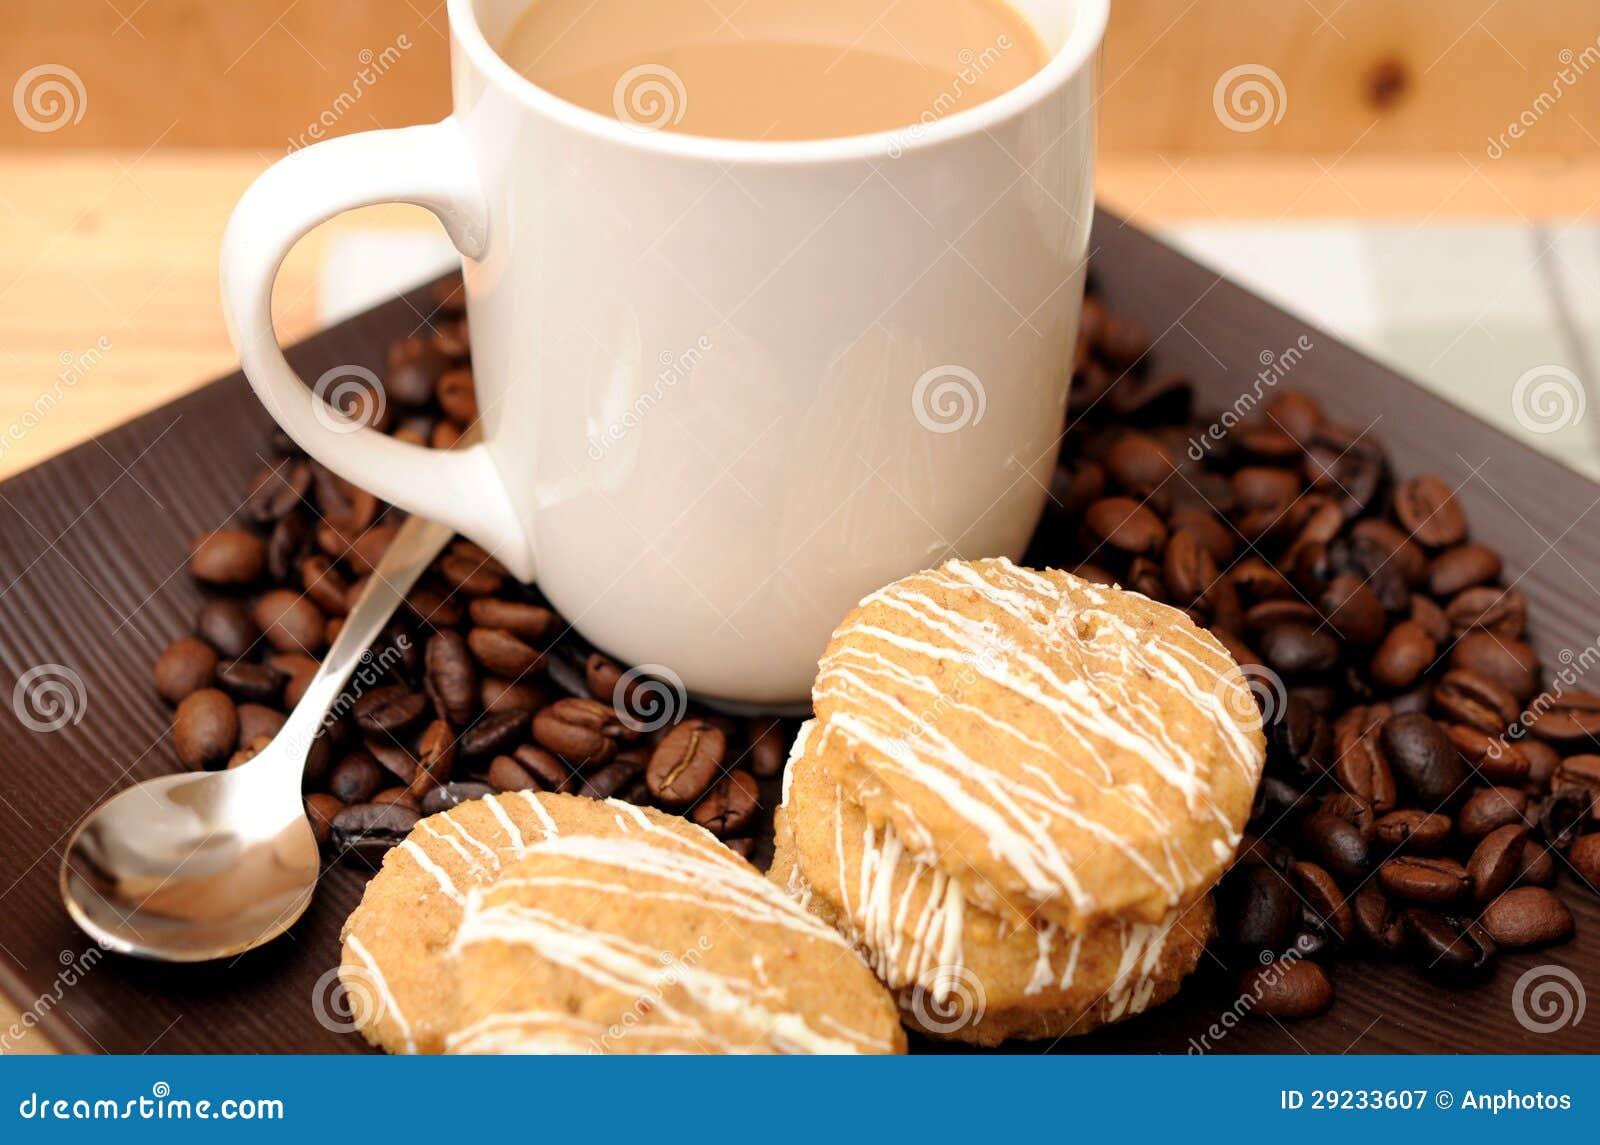 Download Café e biscoito imagem de stock. Imagem de manhã, breakfast - 29233607